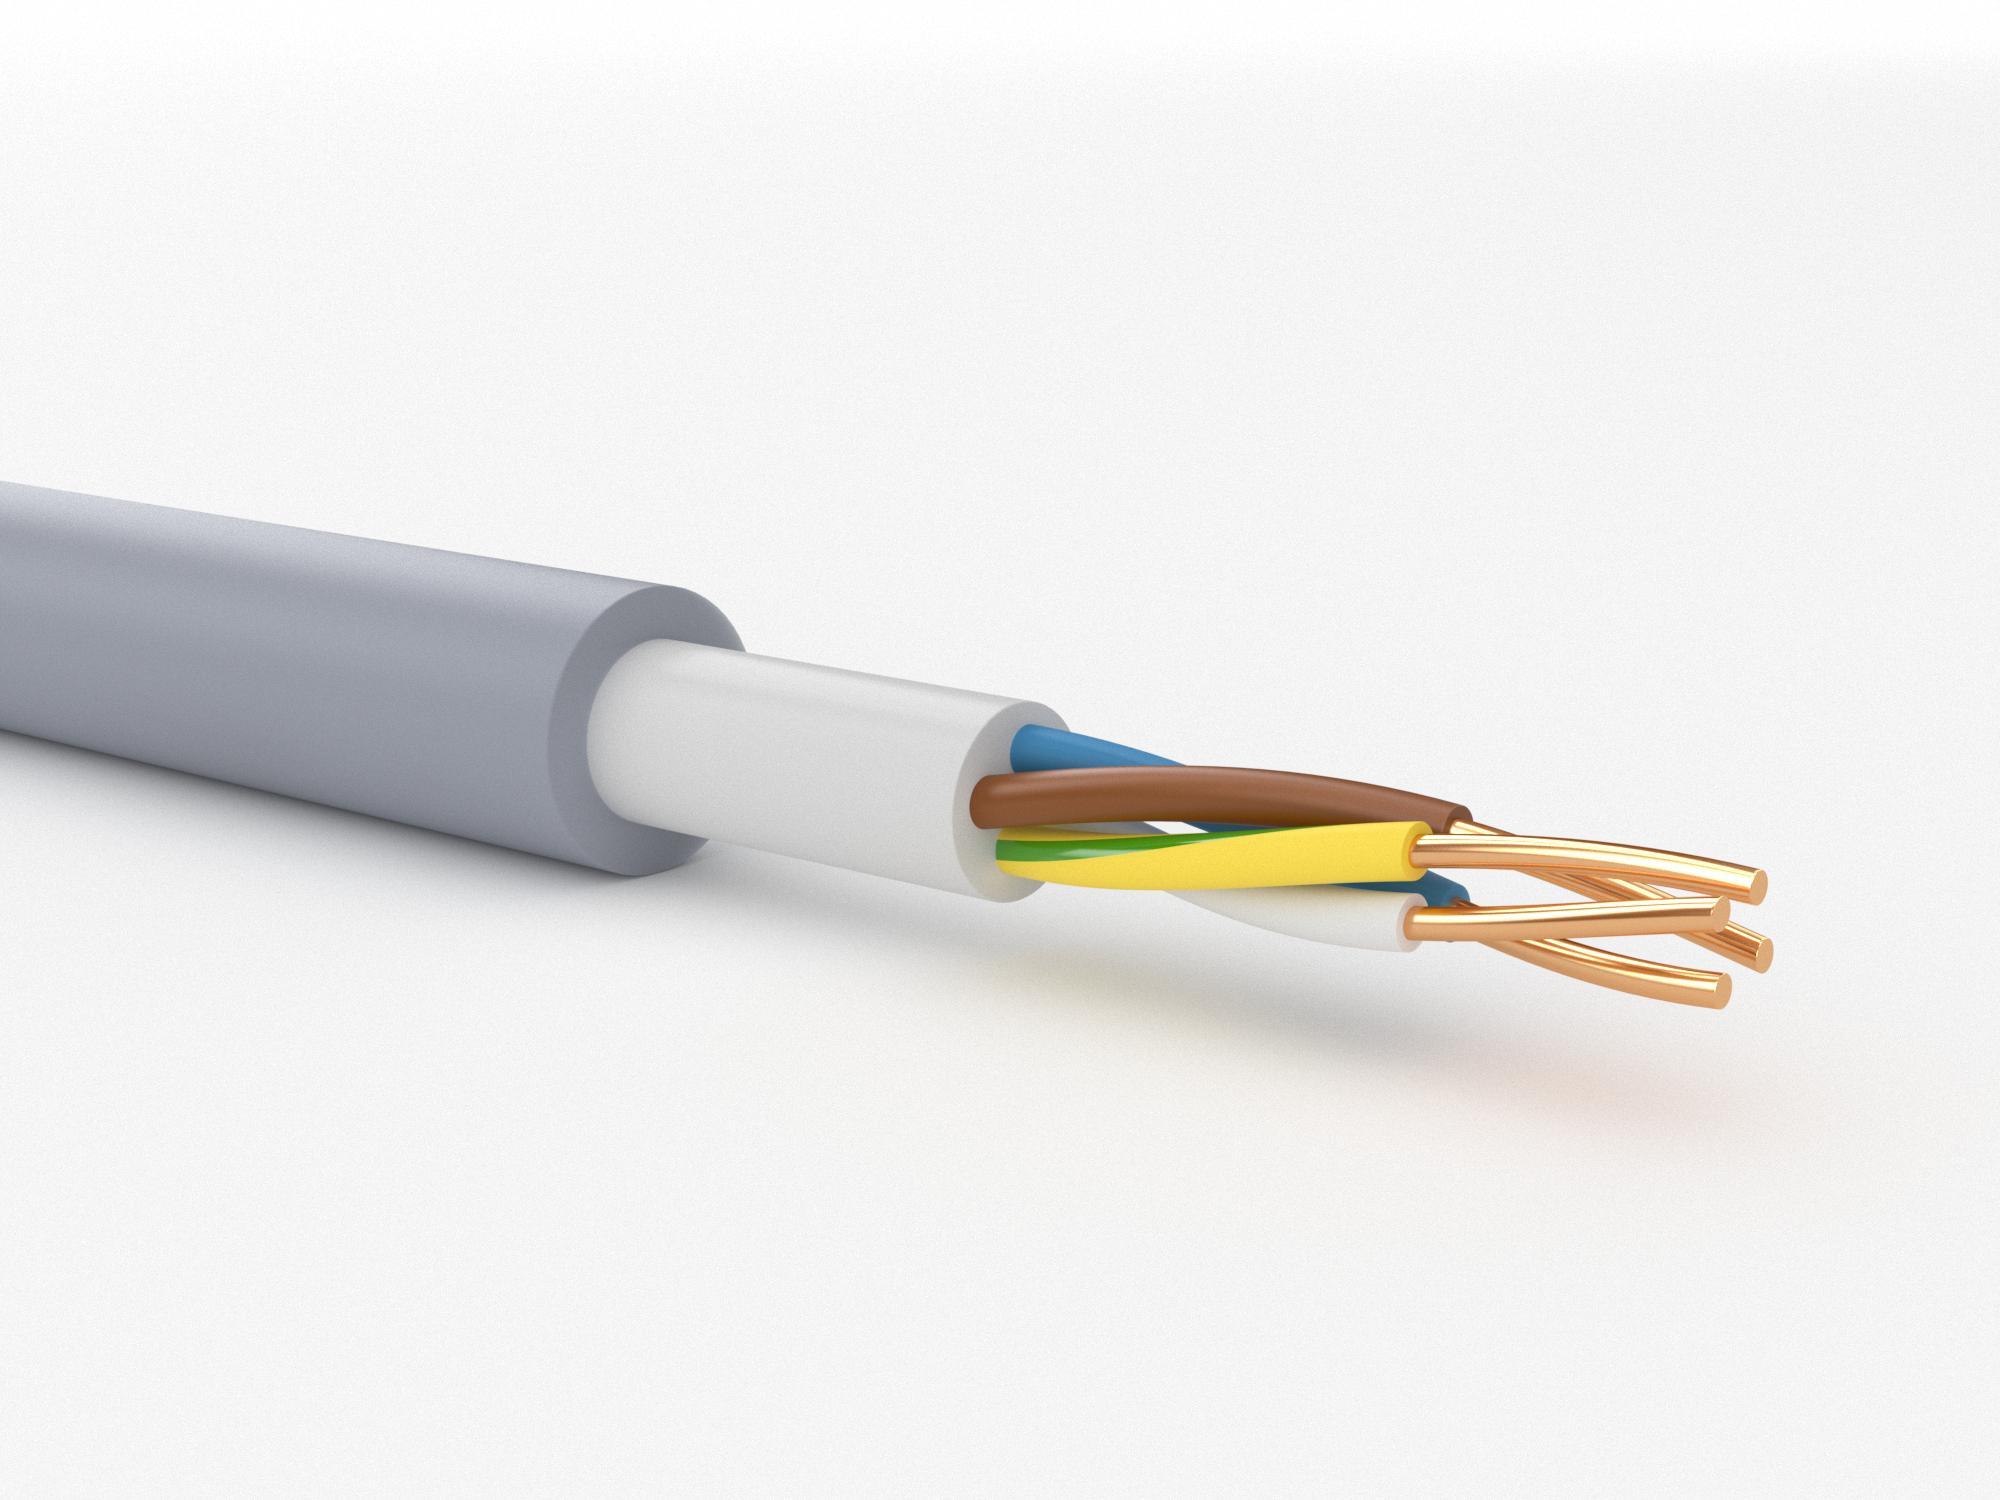 Кабель ПАРТНЕР-ЭЛЕКТРО Nym 4х4 ГОСТ (100м) кабель партнер электро nym 2х1 5 гост 100м